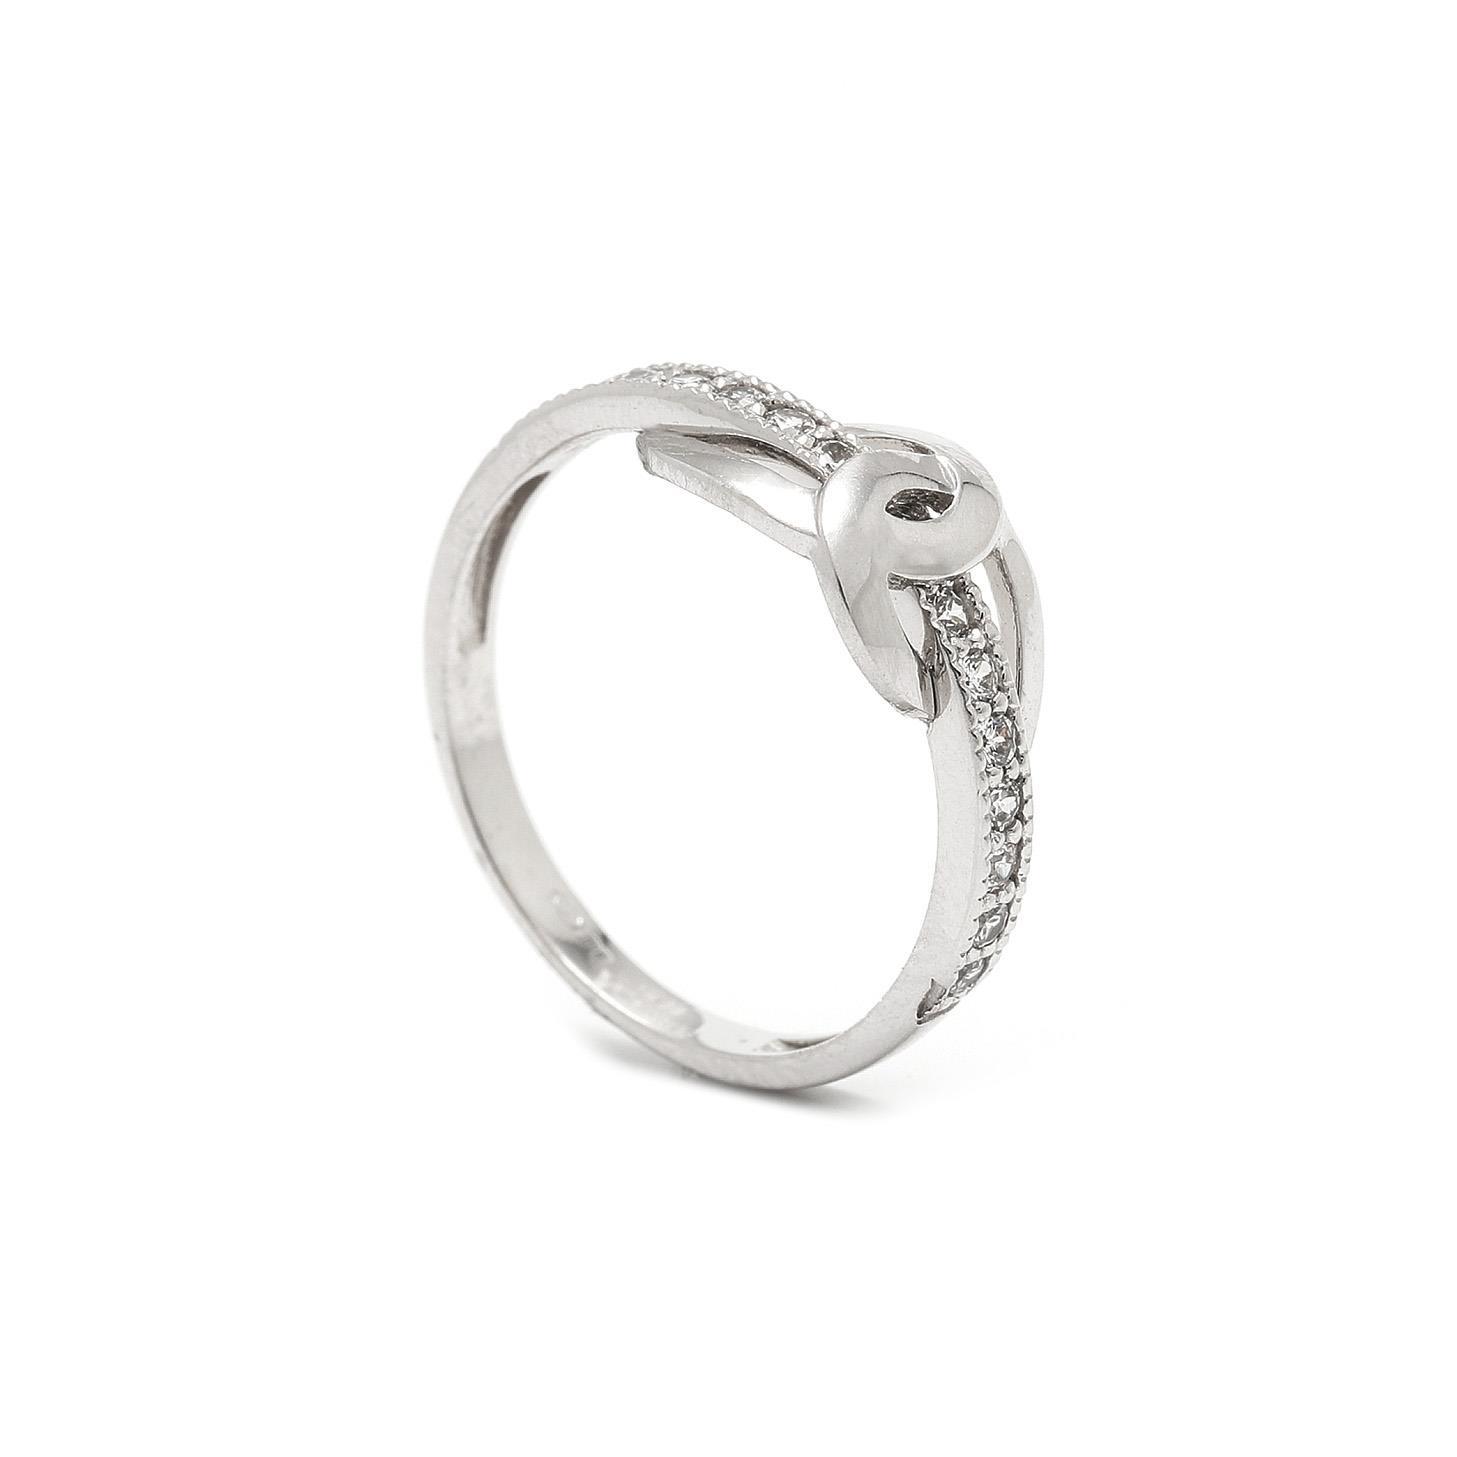 Zlatý dámsky prsteň DAMELSA 7PB00344